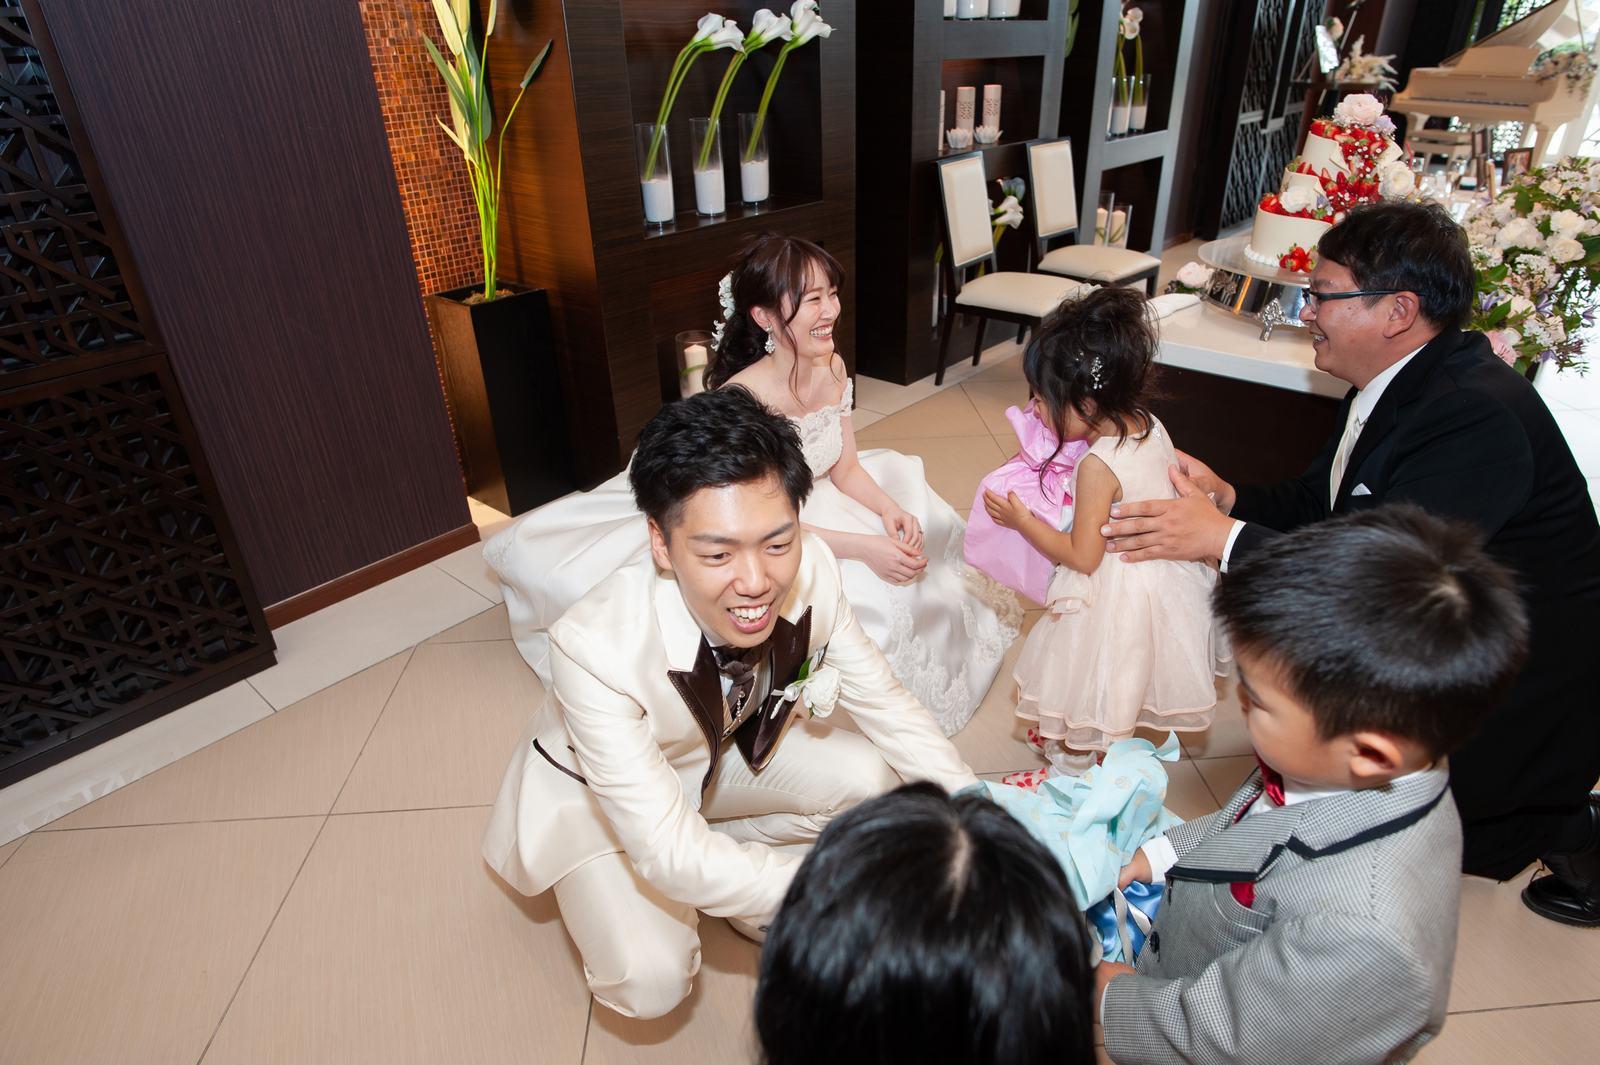 徳島市の結婚式場ブランアンジュの披露宴会場でゲストの子どもたちにプレゼントを渡す新郎新婦